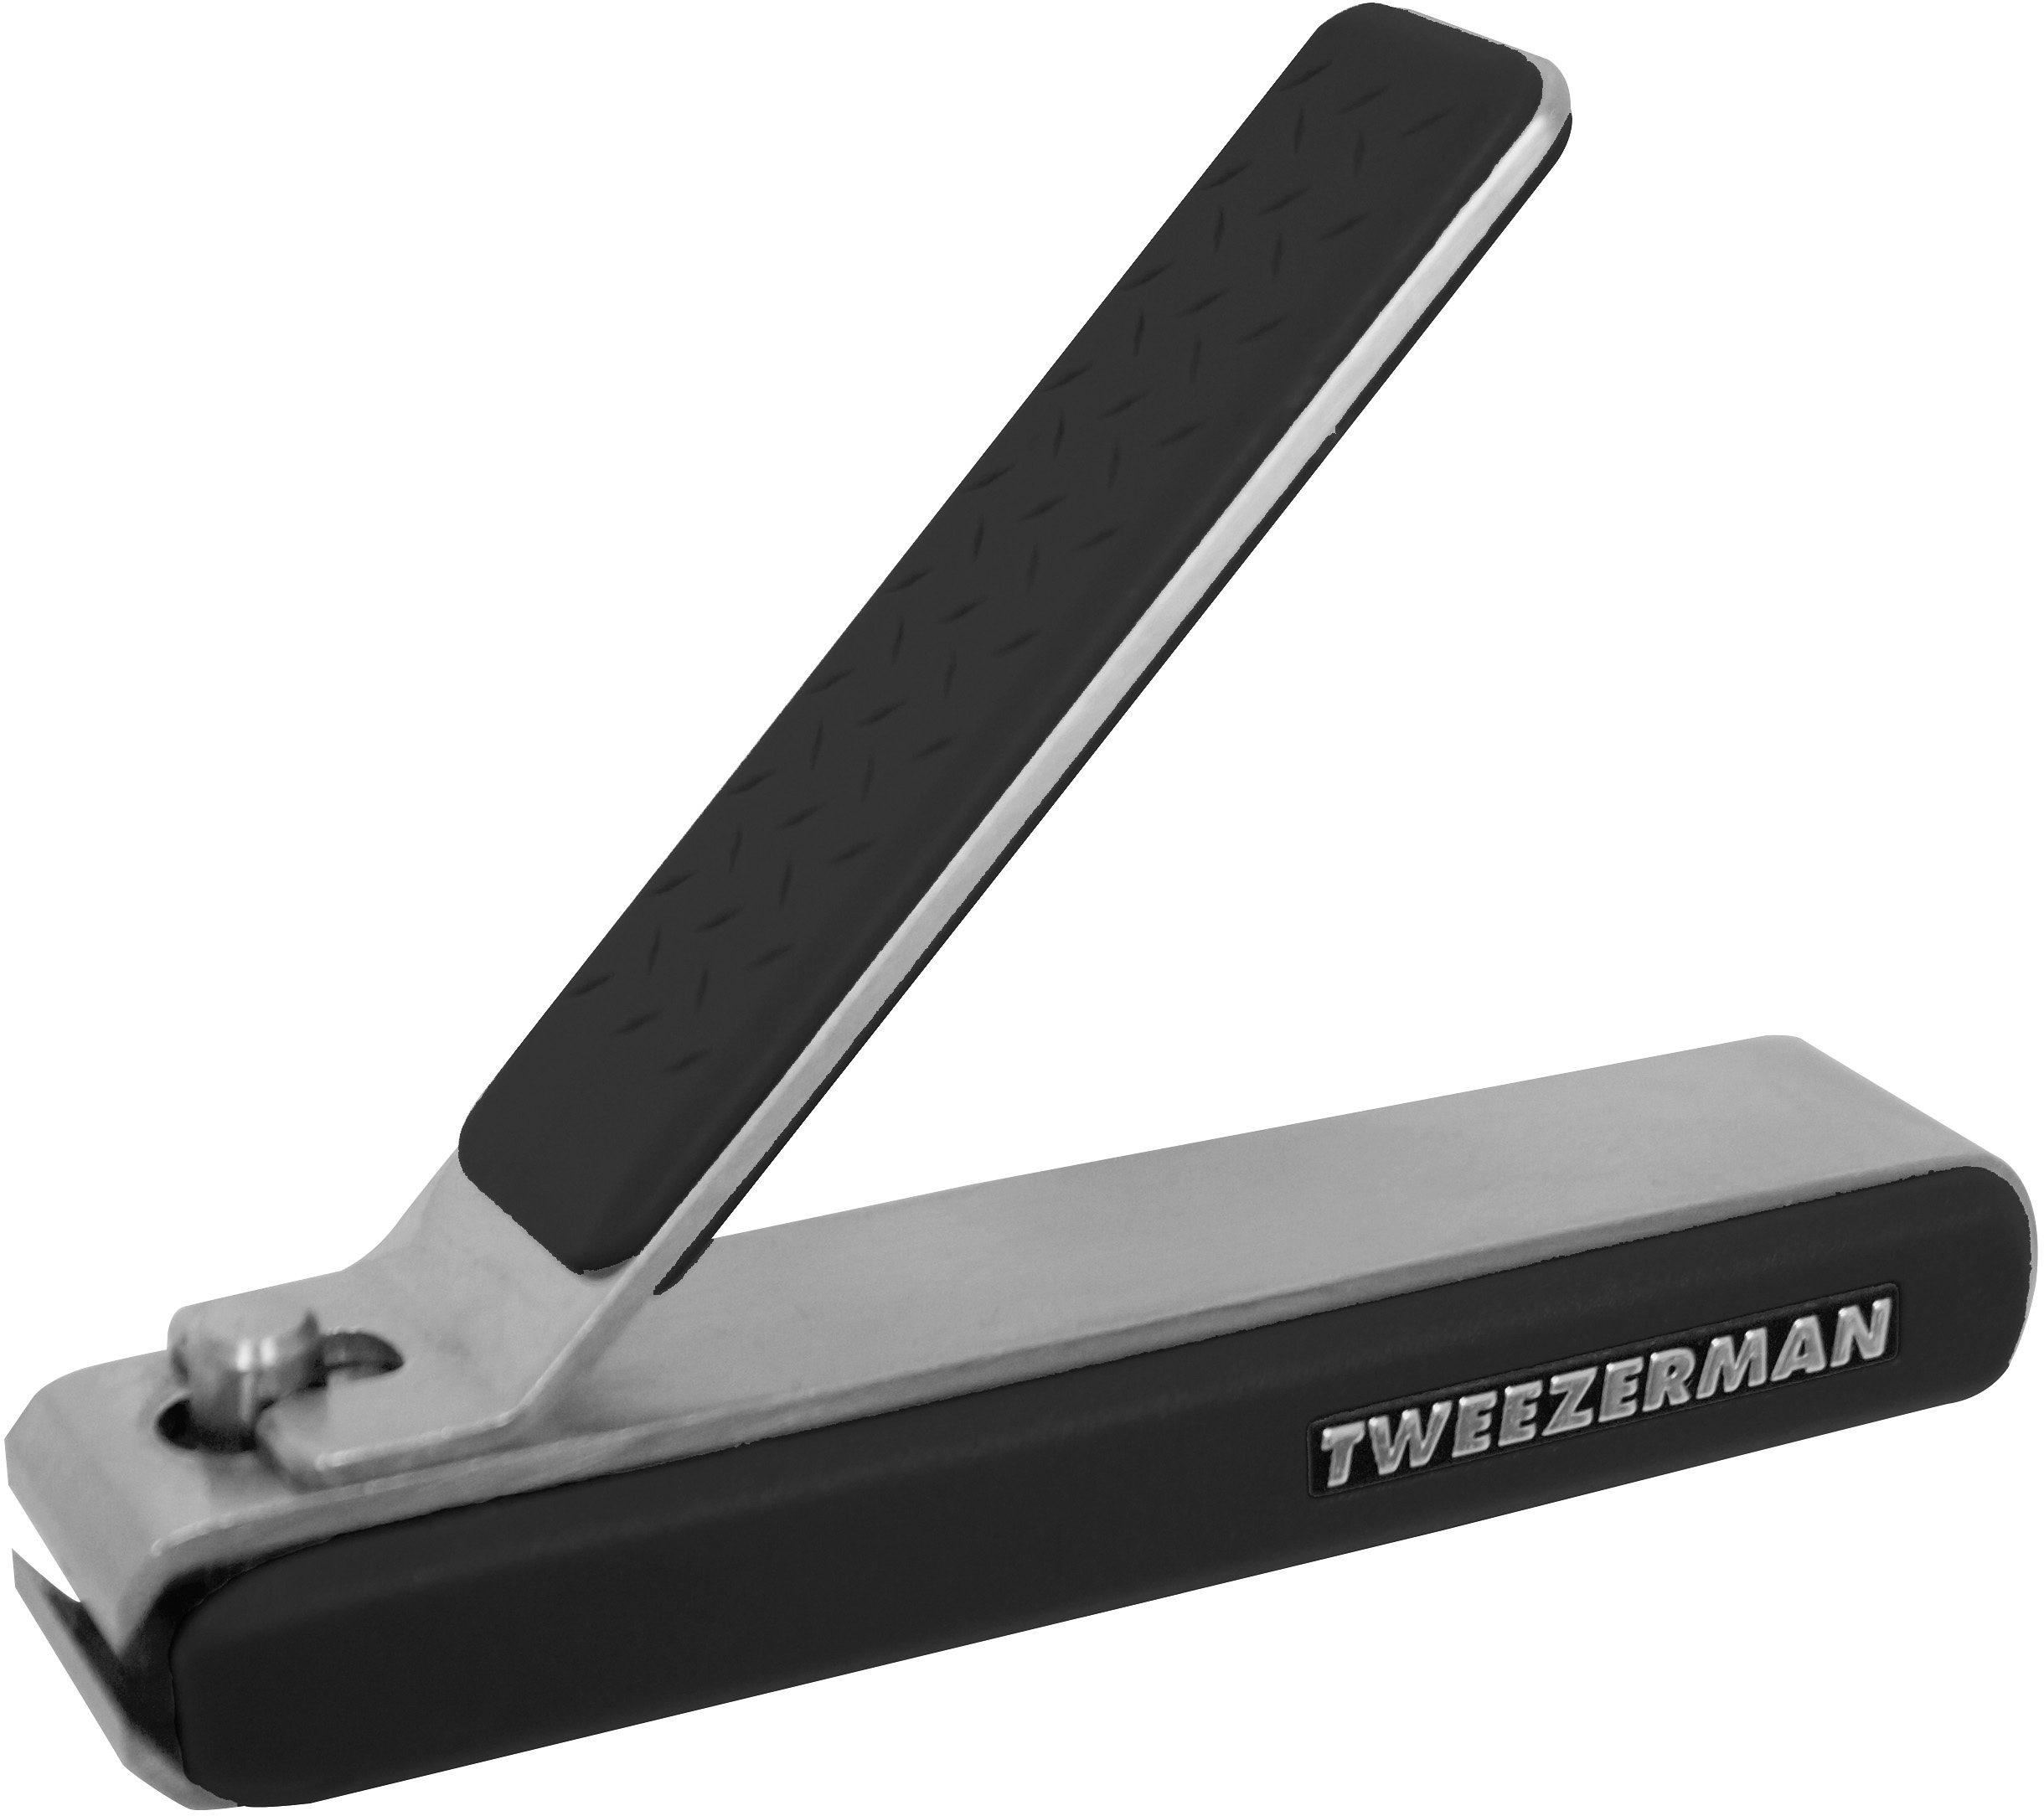 Tweezerman, Fußnagelknipser, aus rostfreiem Edelstahl